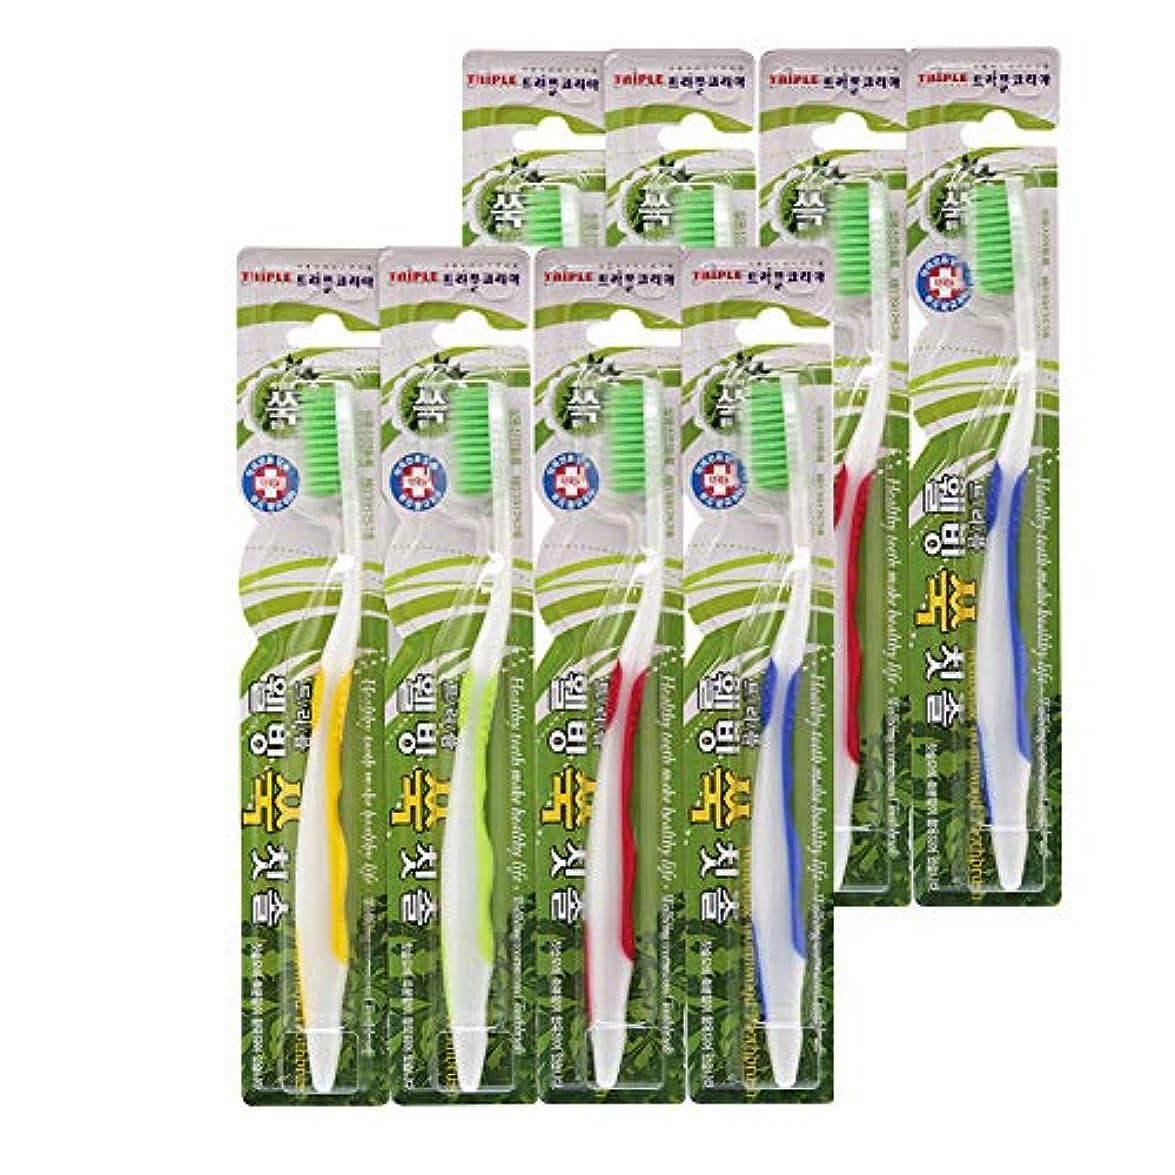 経過弾薬懐疑的【3Life(トリプルライフ)】よもぎグリーン歯ブラシ4本セット よもぎ成分配合 100%極細毛 抗菌毛 (ウェルビーイングよもぎ歯ブラシ8個セット)